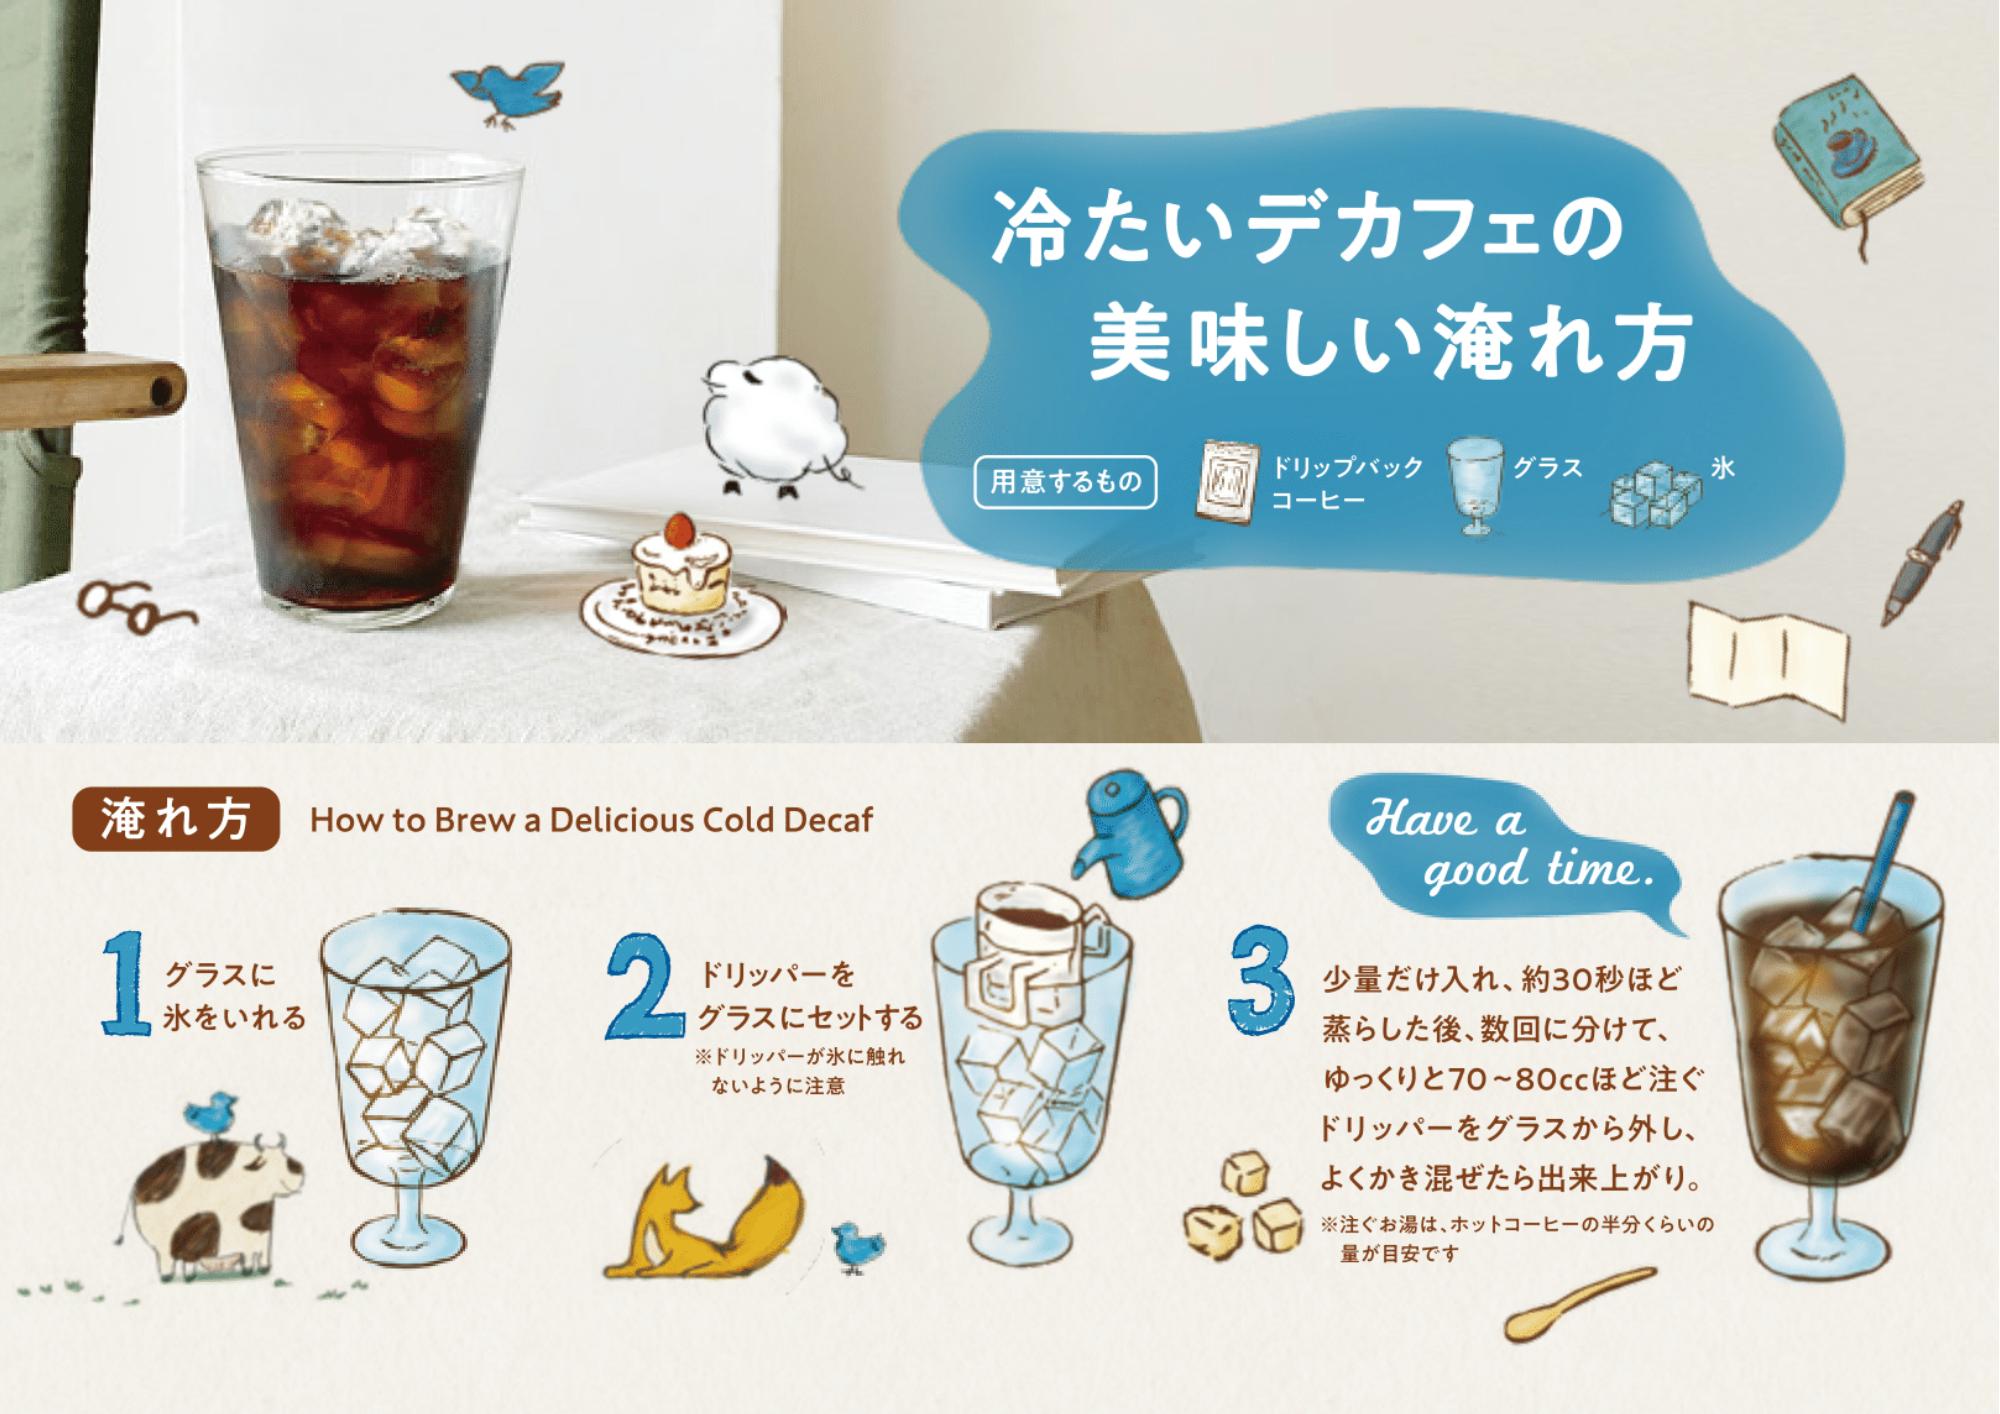 【簡単】冷たくて美味しいアイスコーヒーの淹れ方